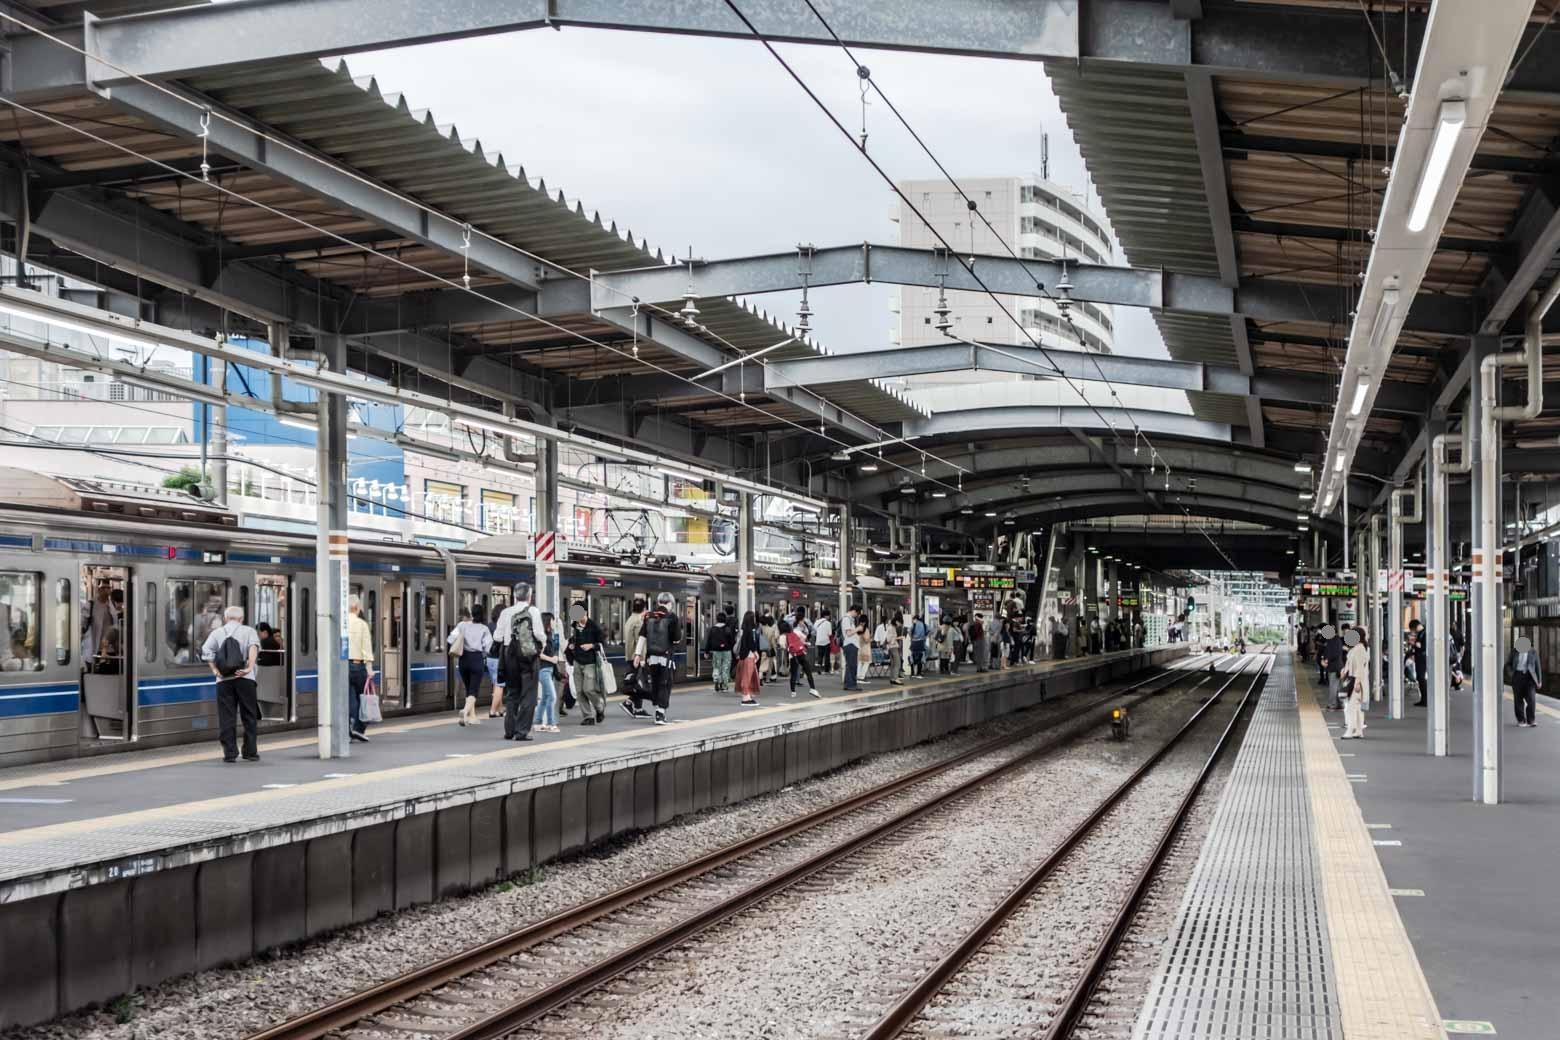 駅は整然とした雰囲気でした。